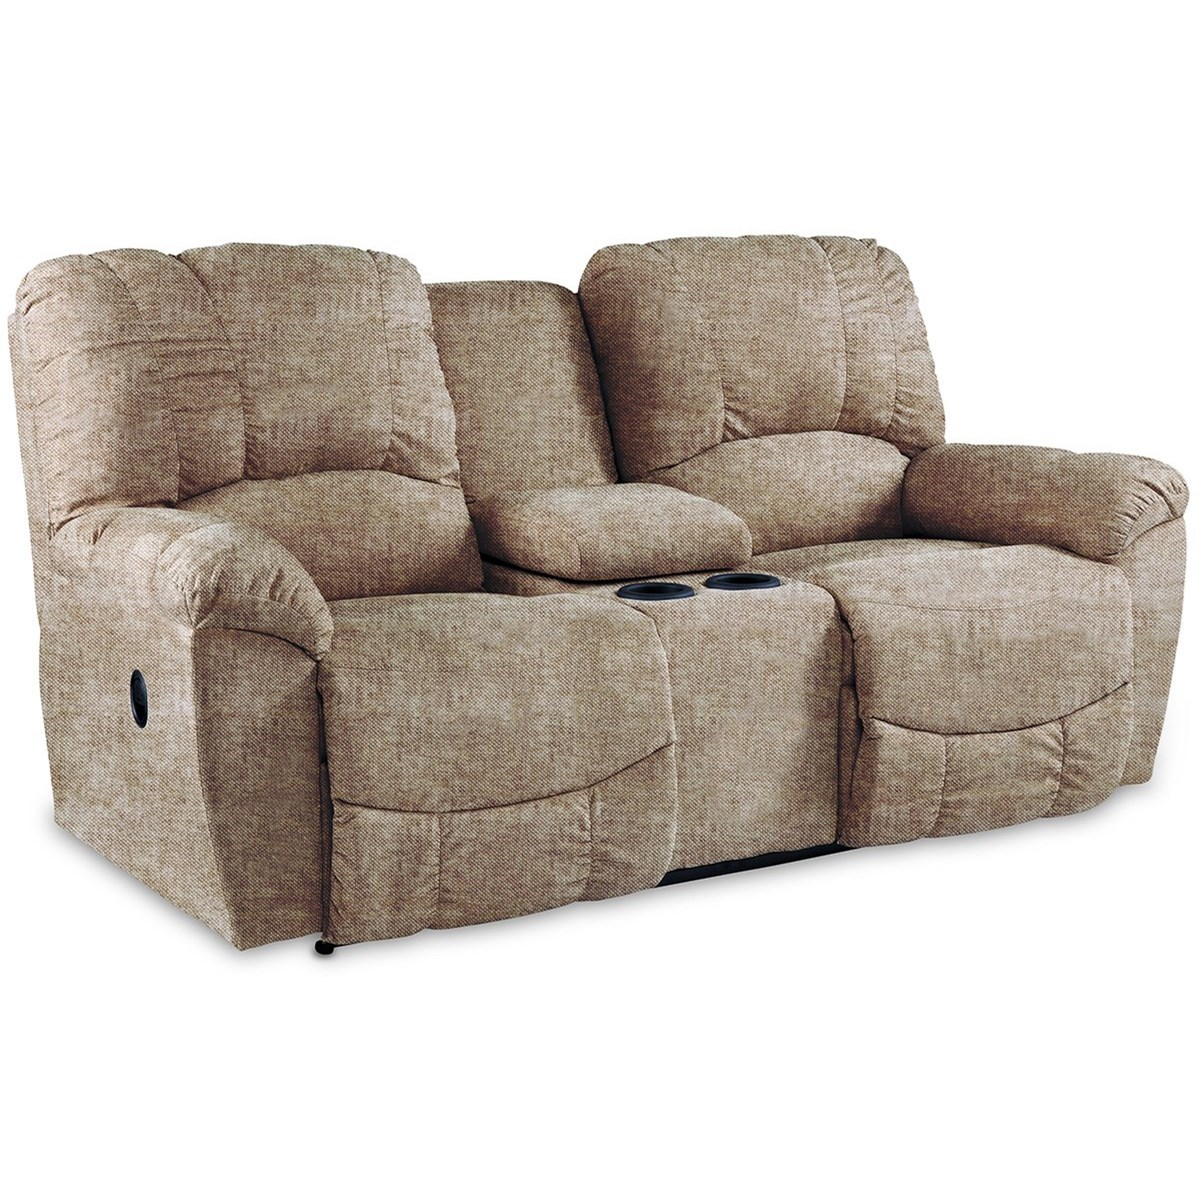 Hayes La-Z-Time®Full Reclining Loveseat w/Console by La-Z-Boy at Reid's Furniture